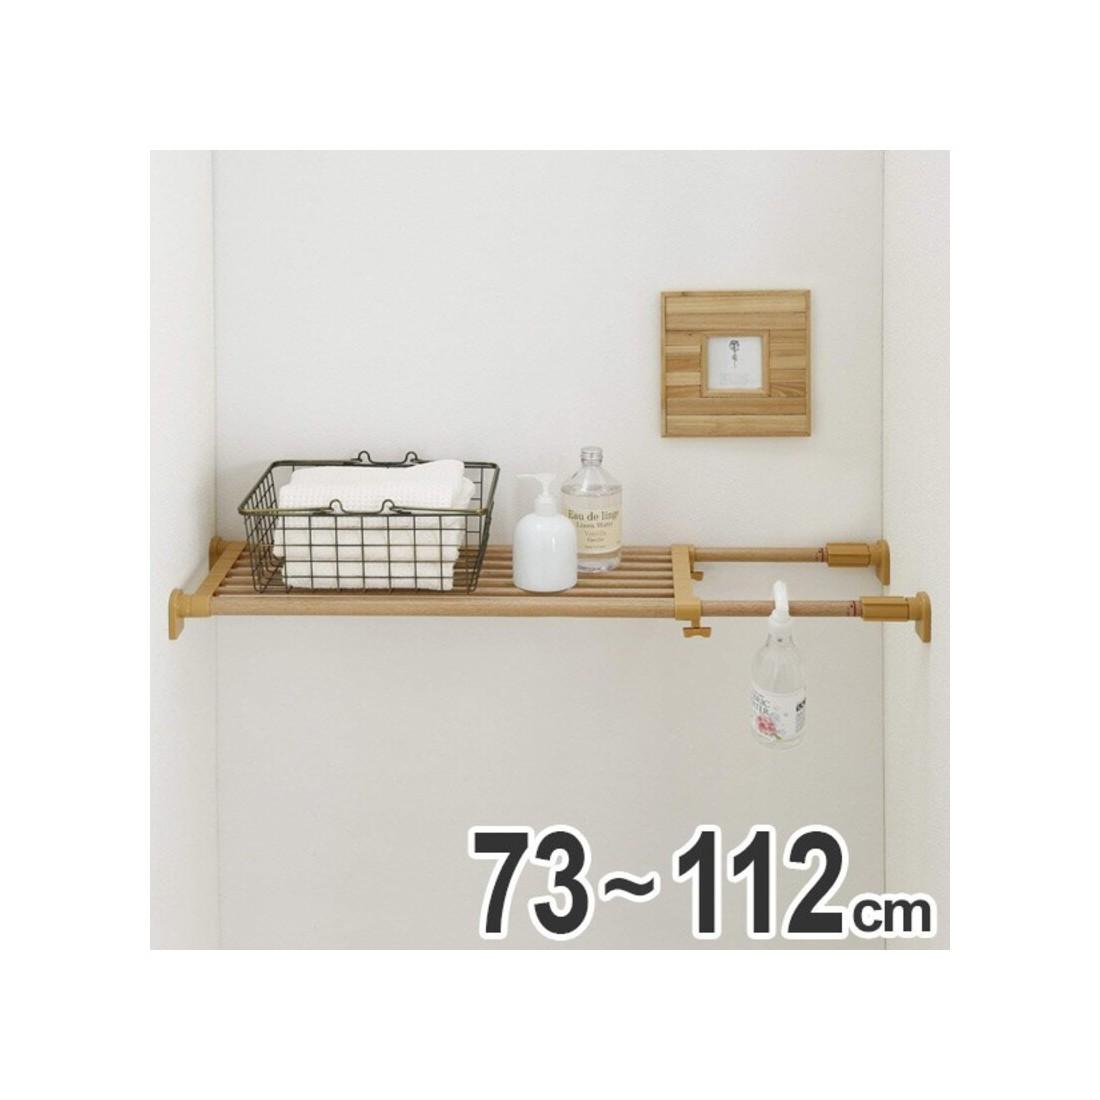 Kệ chia ngăn không cần khoan vít Heian màu nâu, 73cm kéo dài